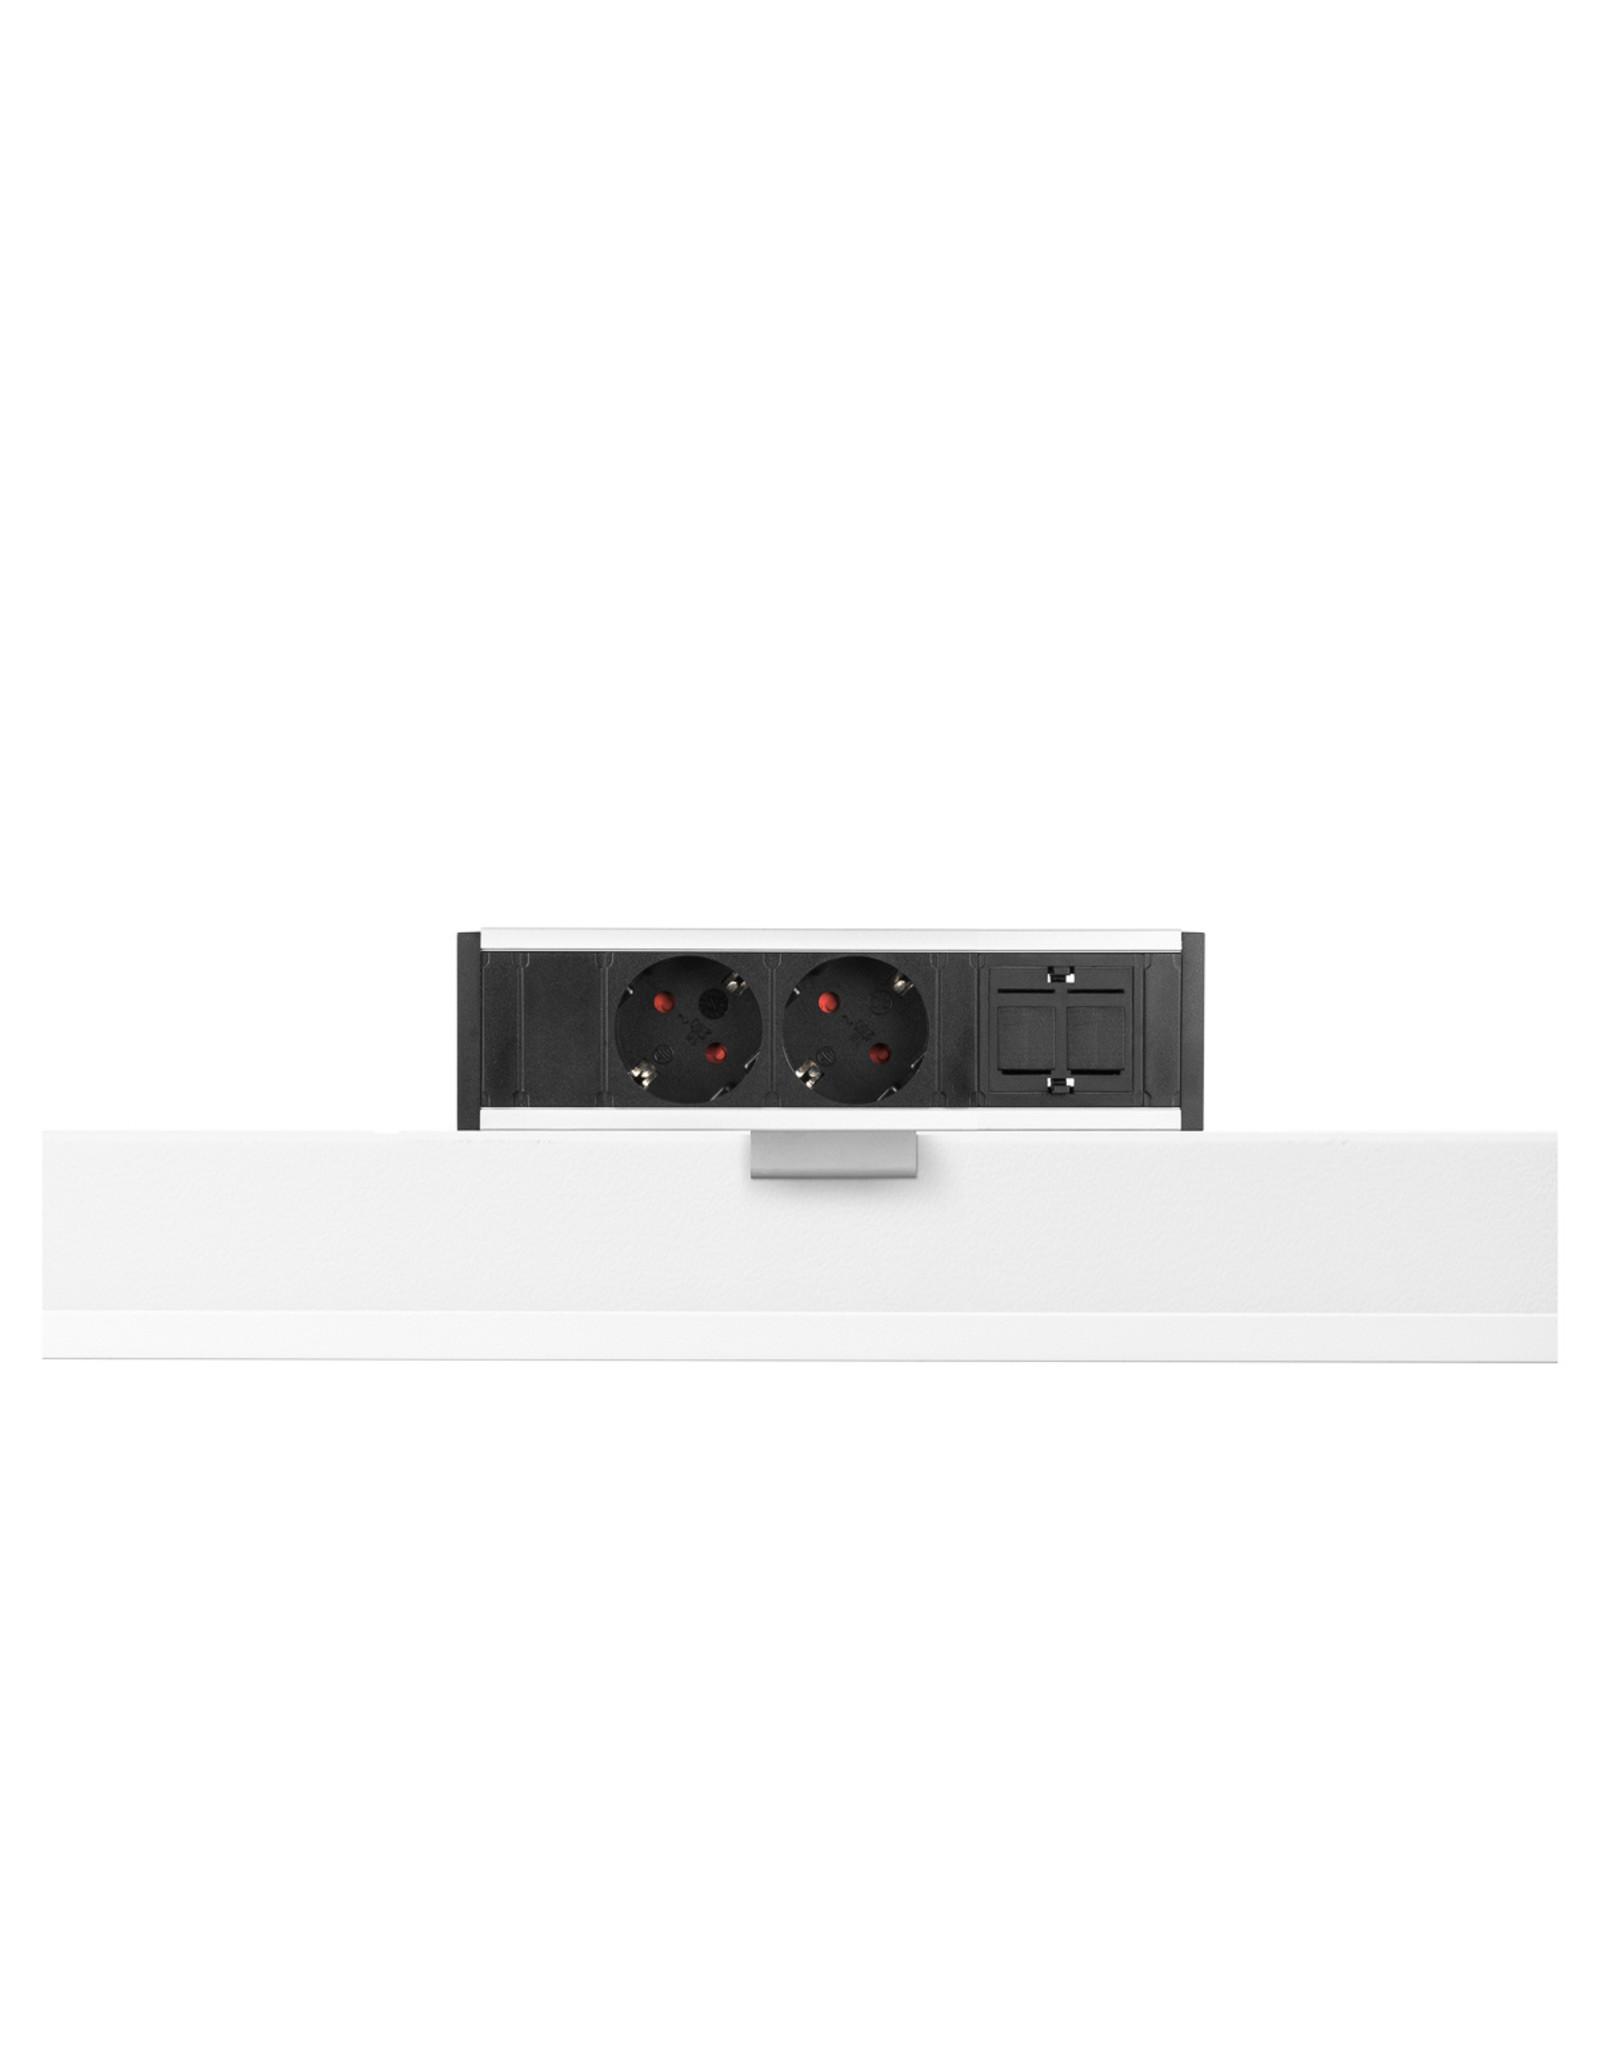 Filex Power Desk up - 2x 230V - 1x Keystone